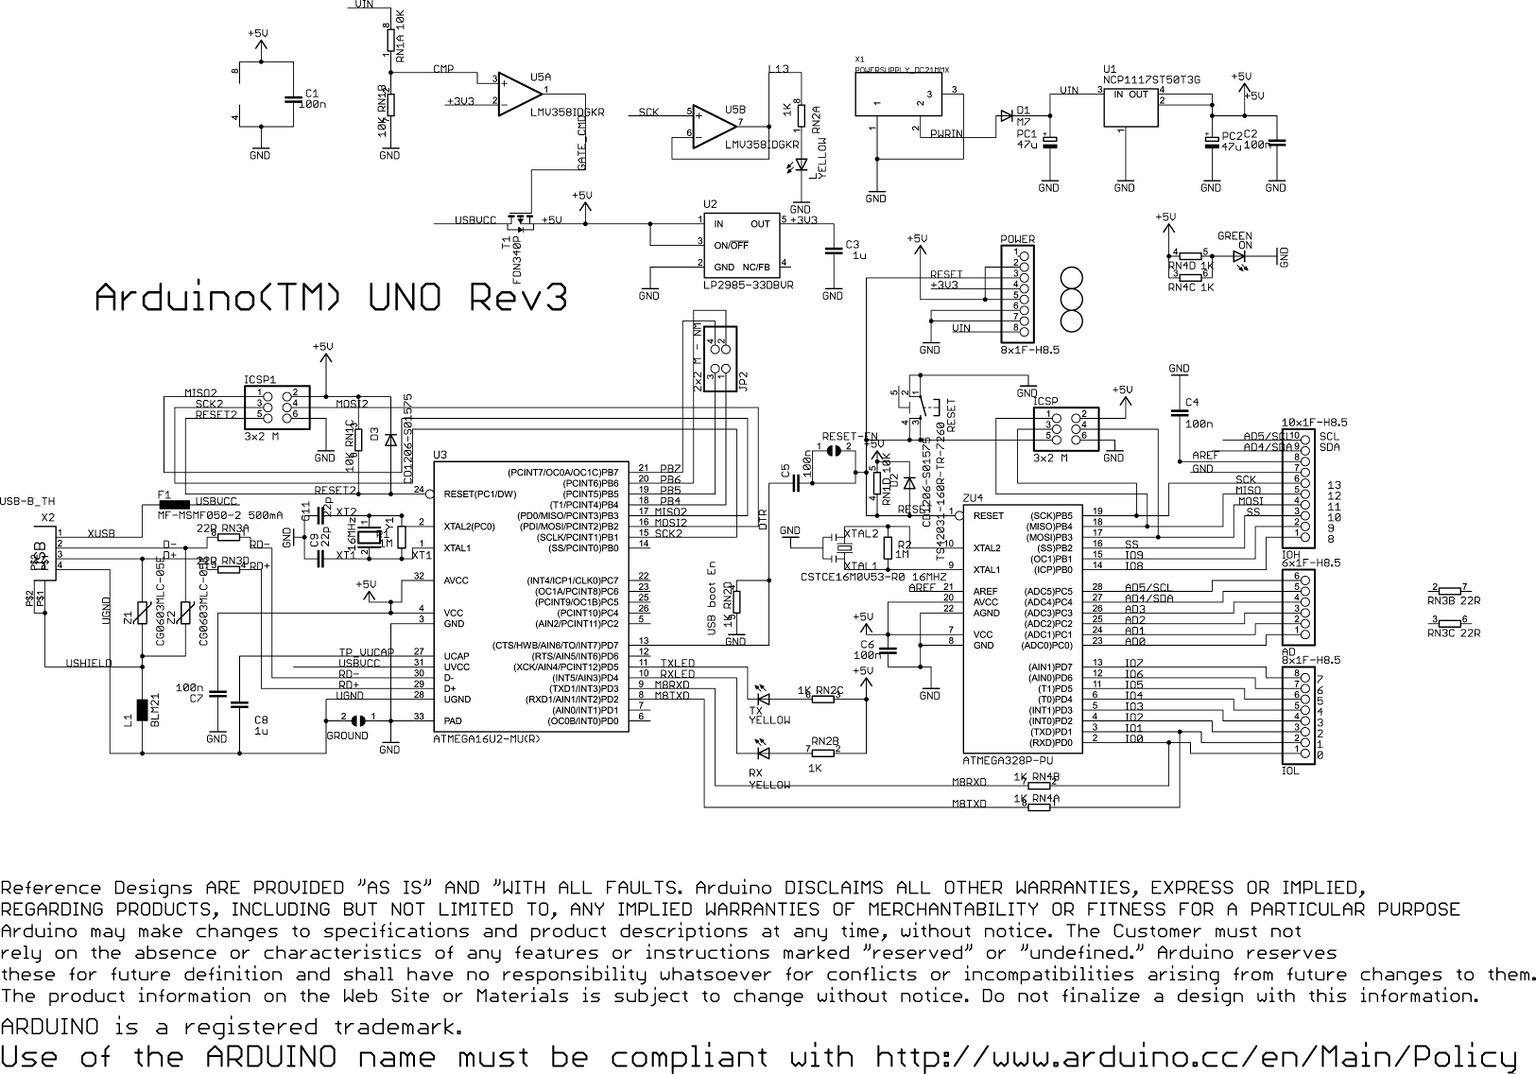 ArduinoBoardDetails - ArduinoInfo on iphone schematic, robot schematic, wiring schematic, shields schematic, pcb schematic, ipad schematic, atmega328 schematic, servo schematic, msp430 schematic, wireless schematic, breadboard schematic, audio schematic, atmega32u4 schematic, apple schematic,